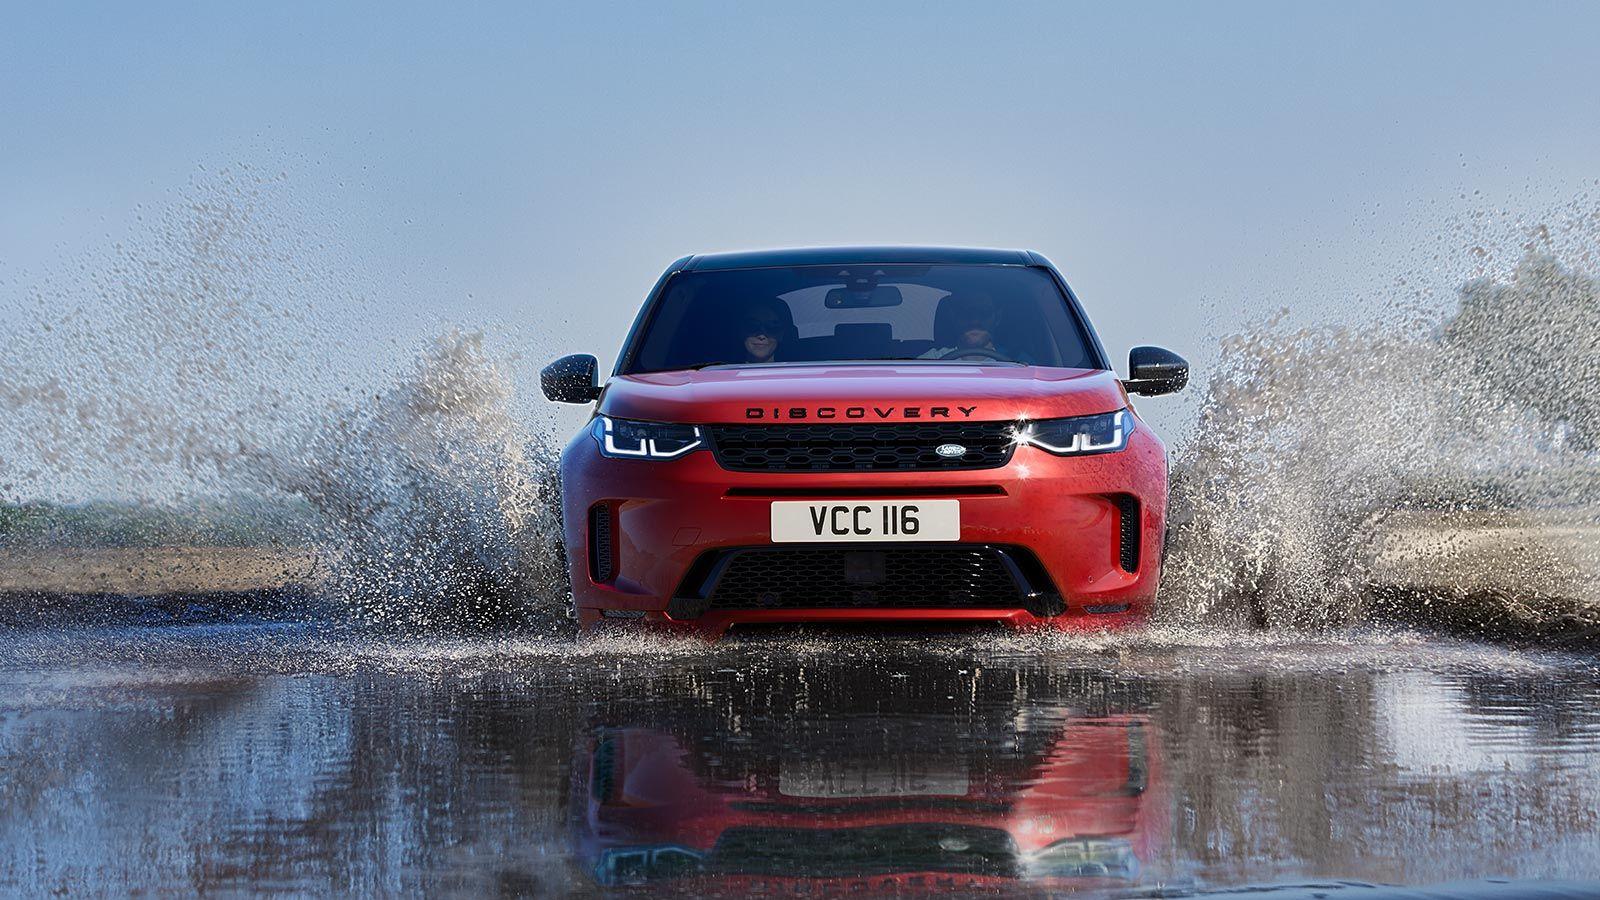 La mecánica mild-hybrid Land Rover Discovery Sport 2020 precio en México está presente en toda la gama